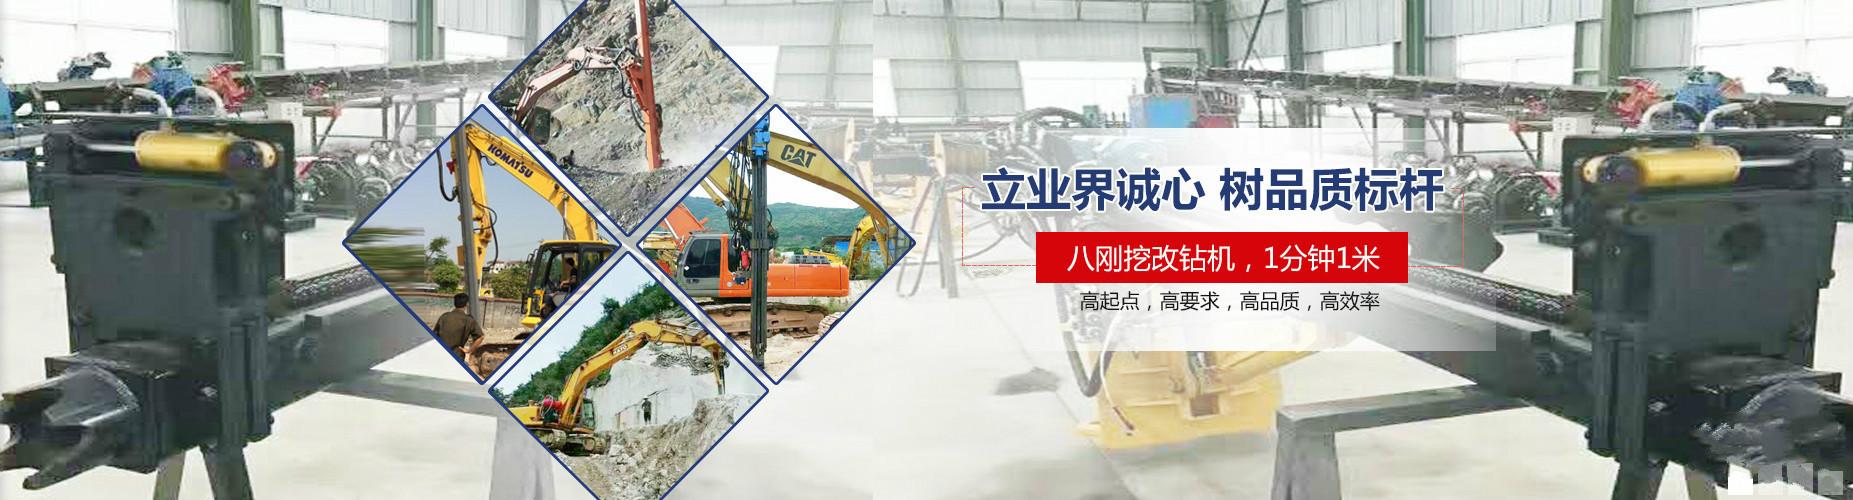 东莞市八刚机械制造有限公司